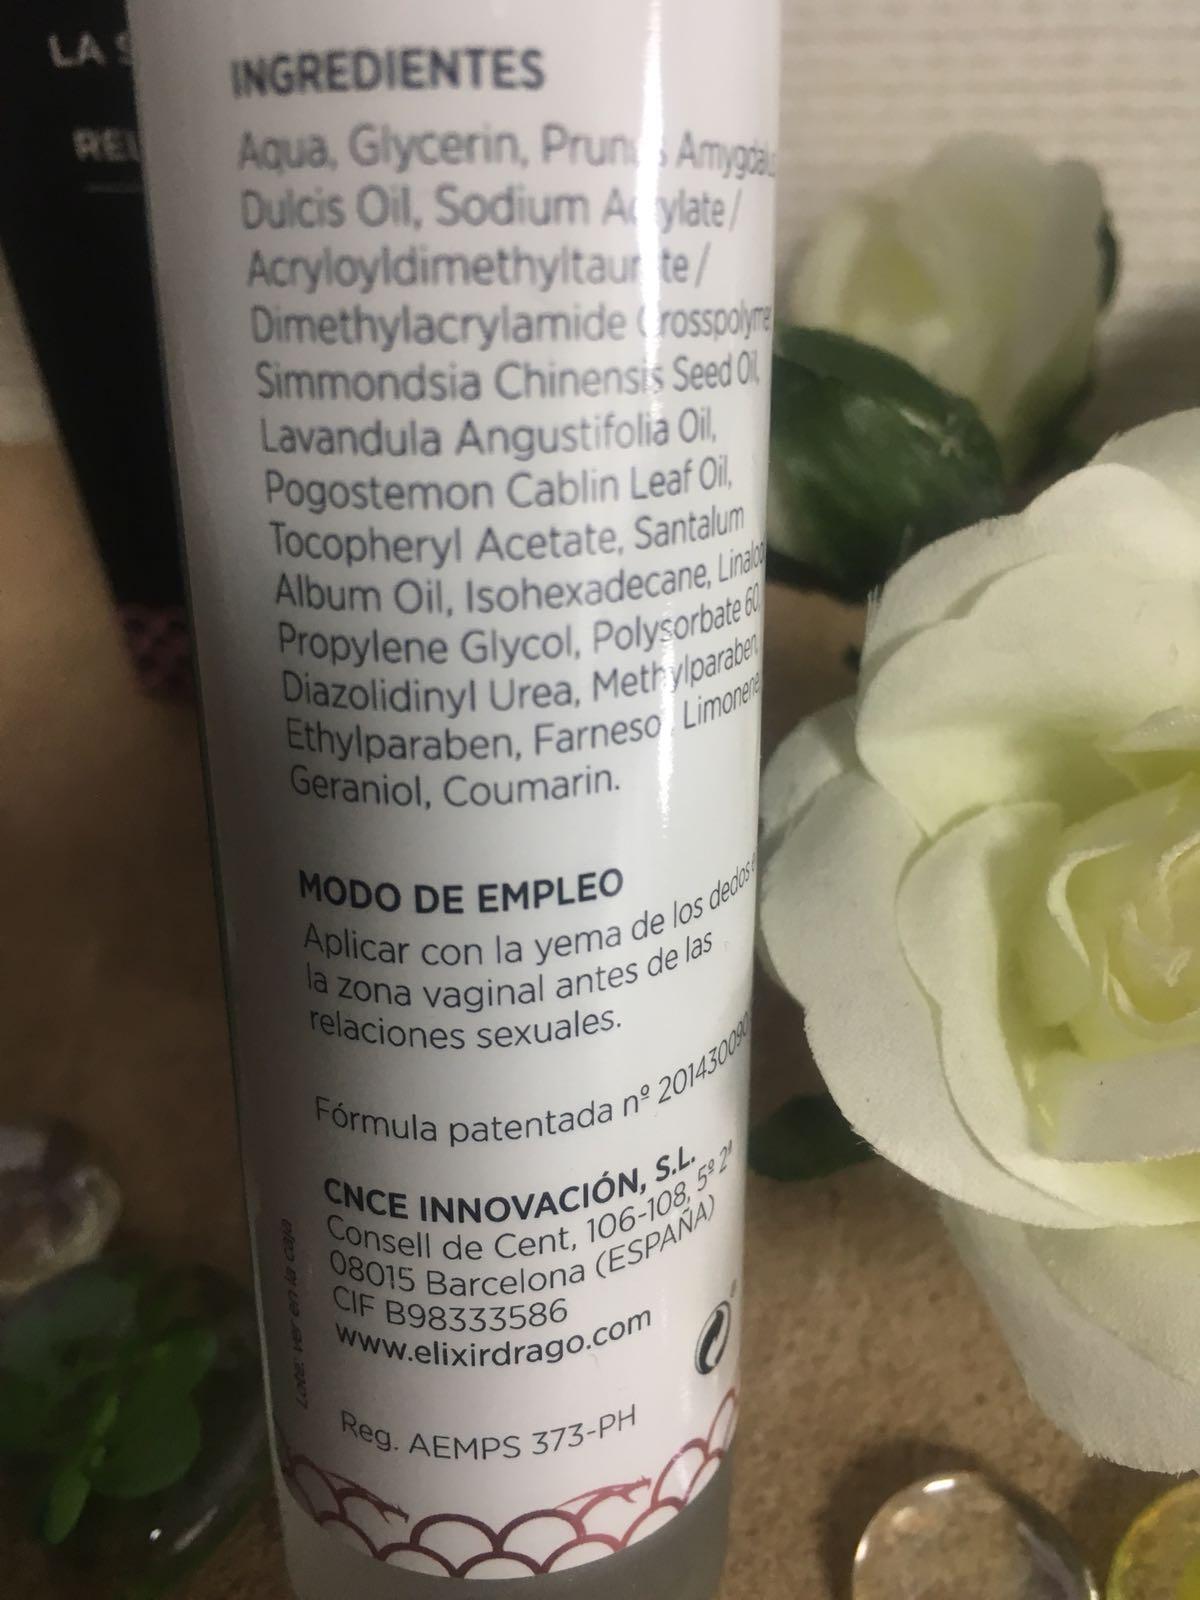 93878f5d5604 Solo yo  Hidratante vaginal DSO de Elixir Dragó